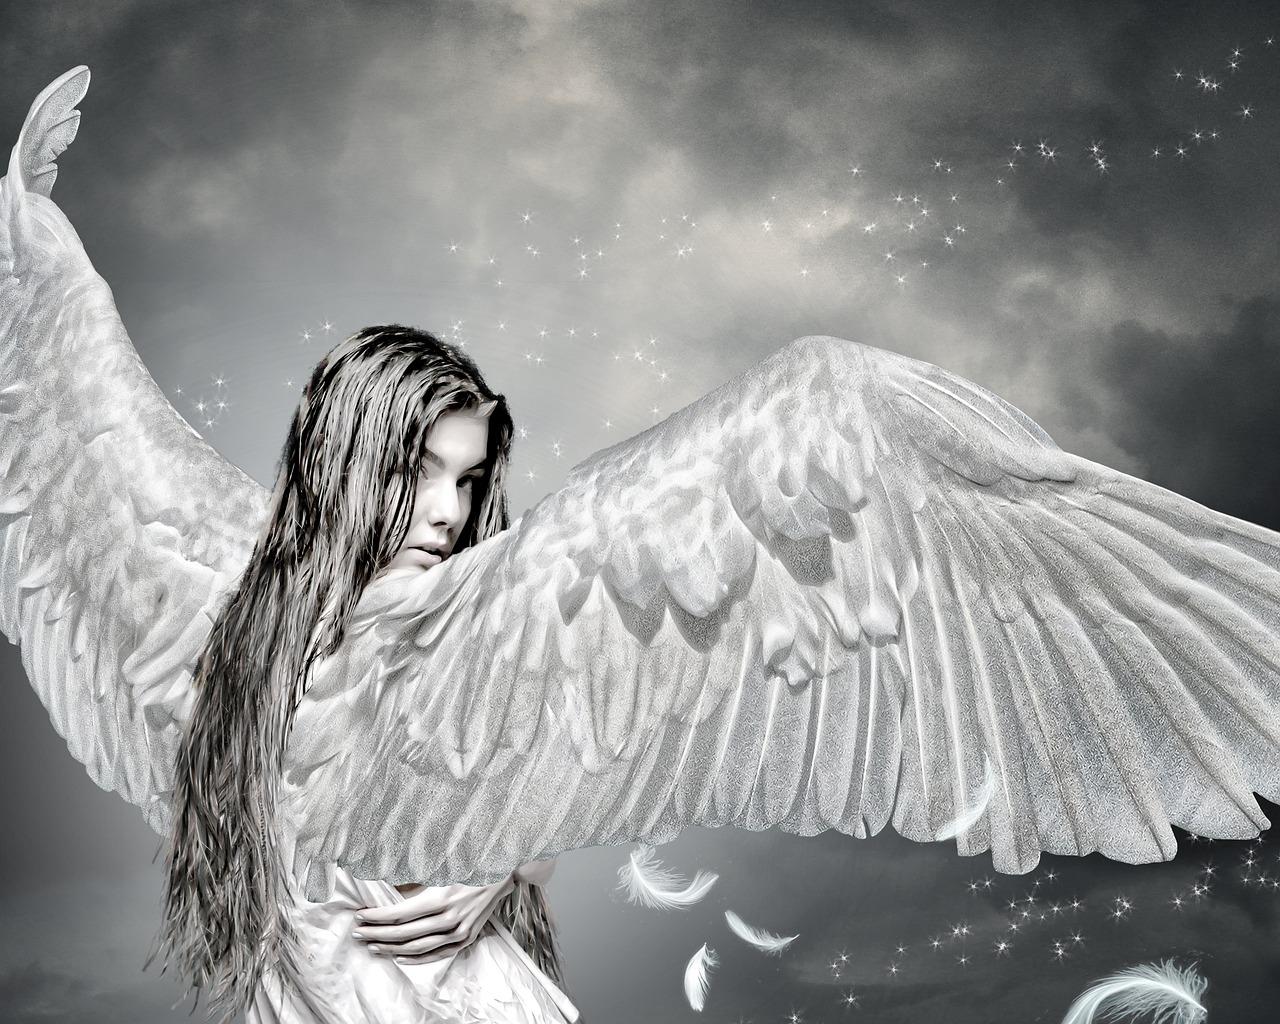 государство огромный ангел картинка относится классическим